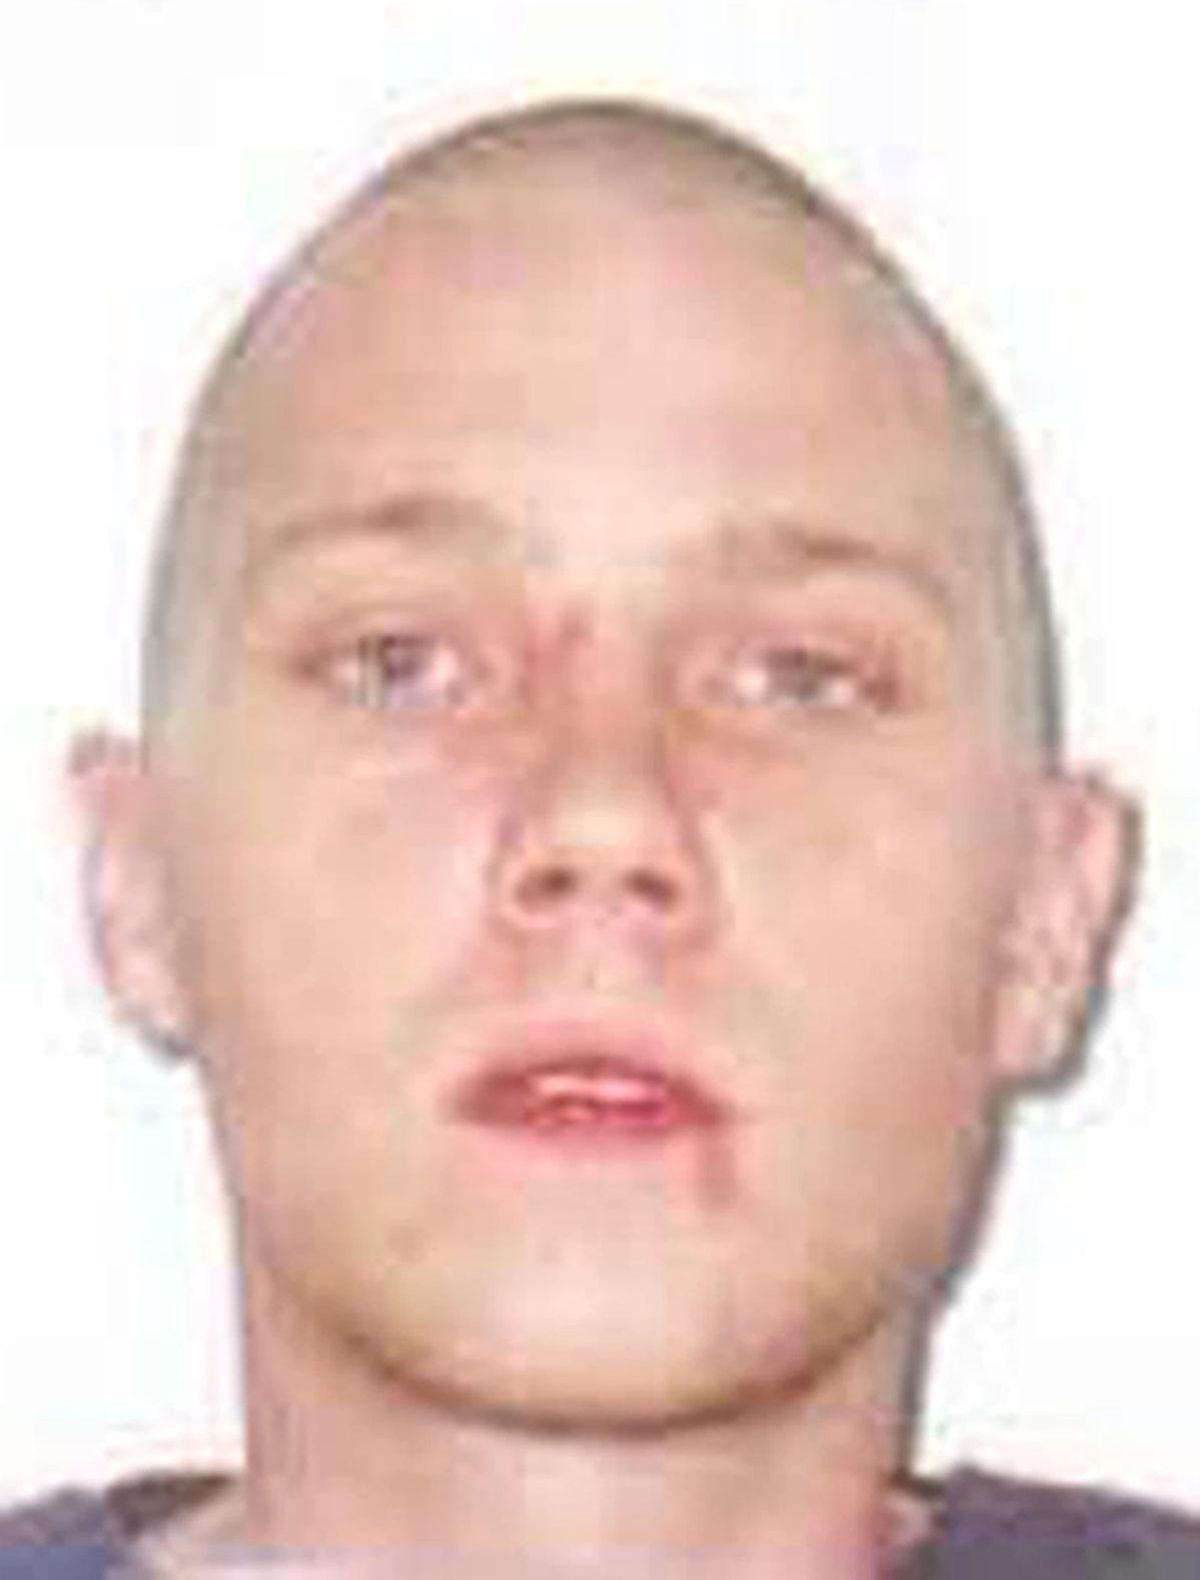 Gavin Brown admitted murder